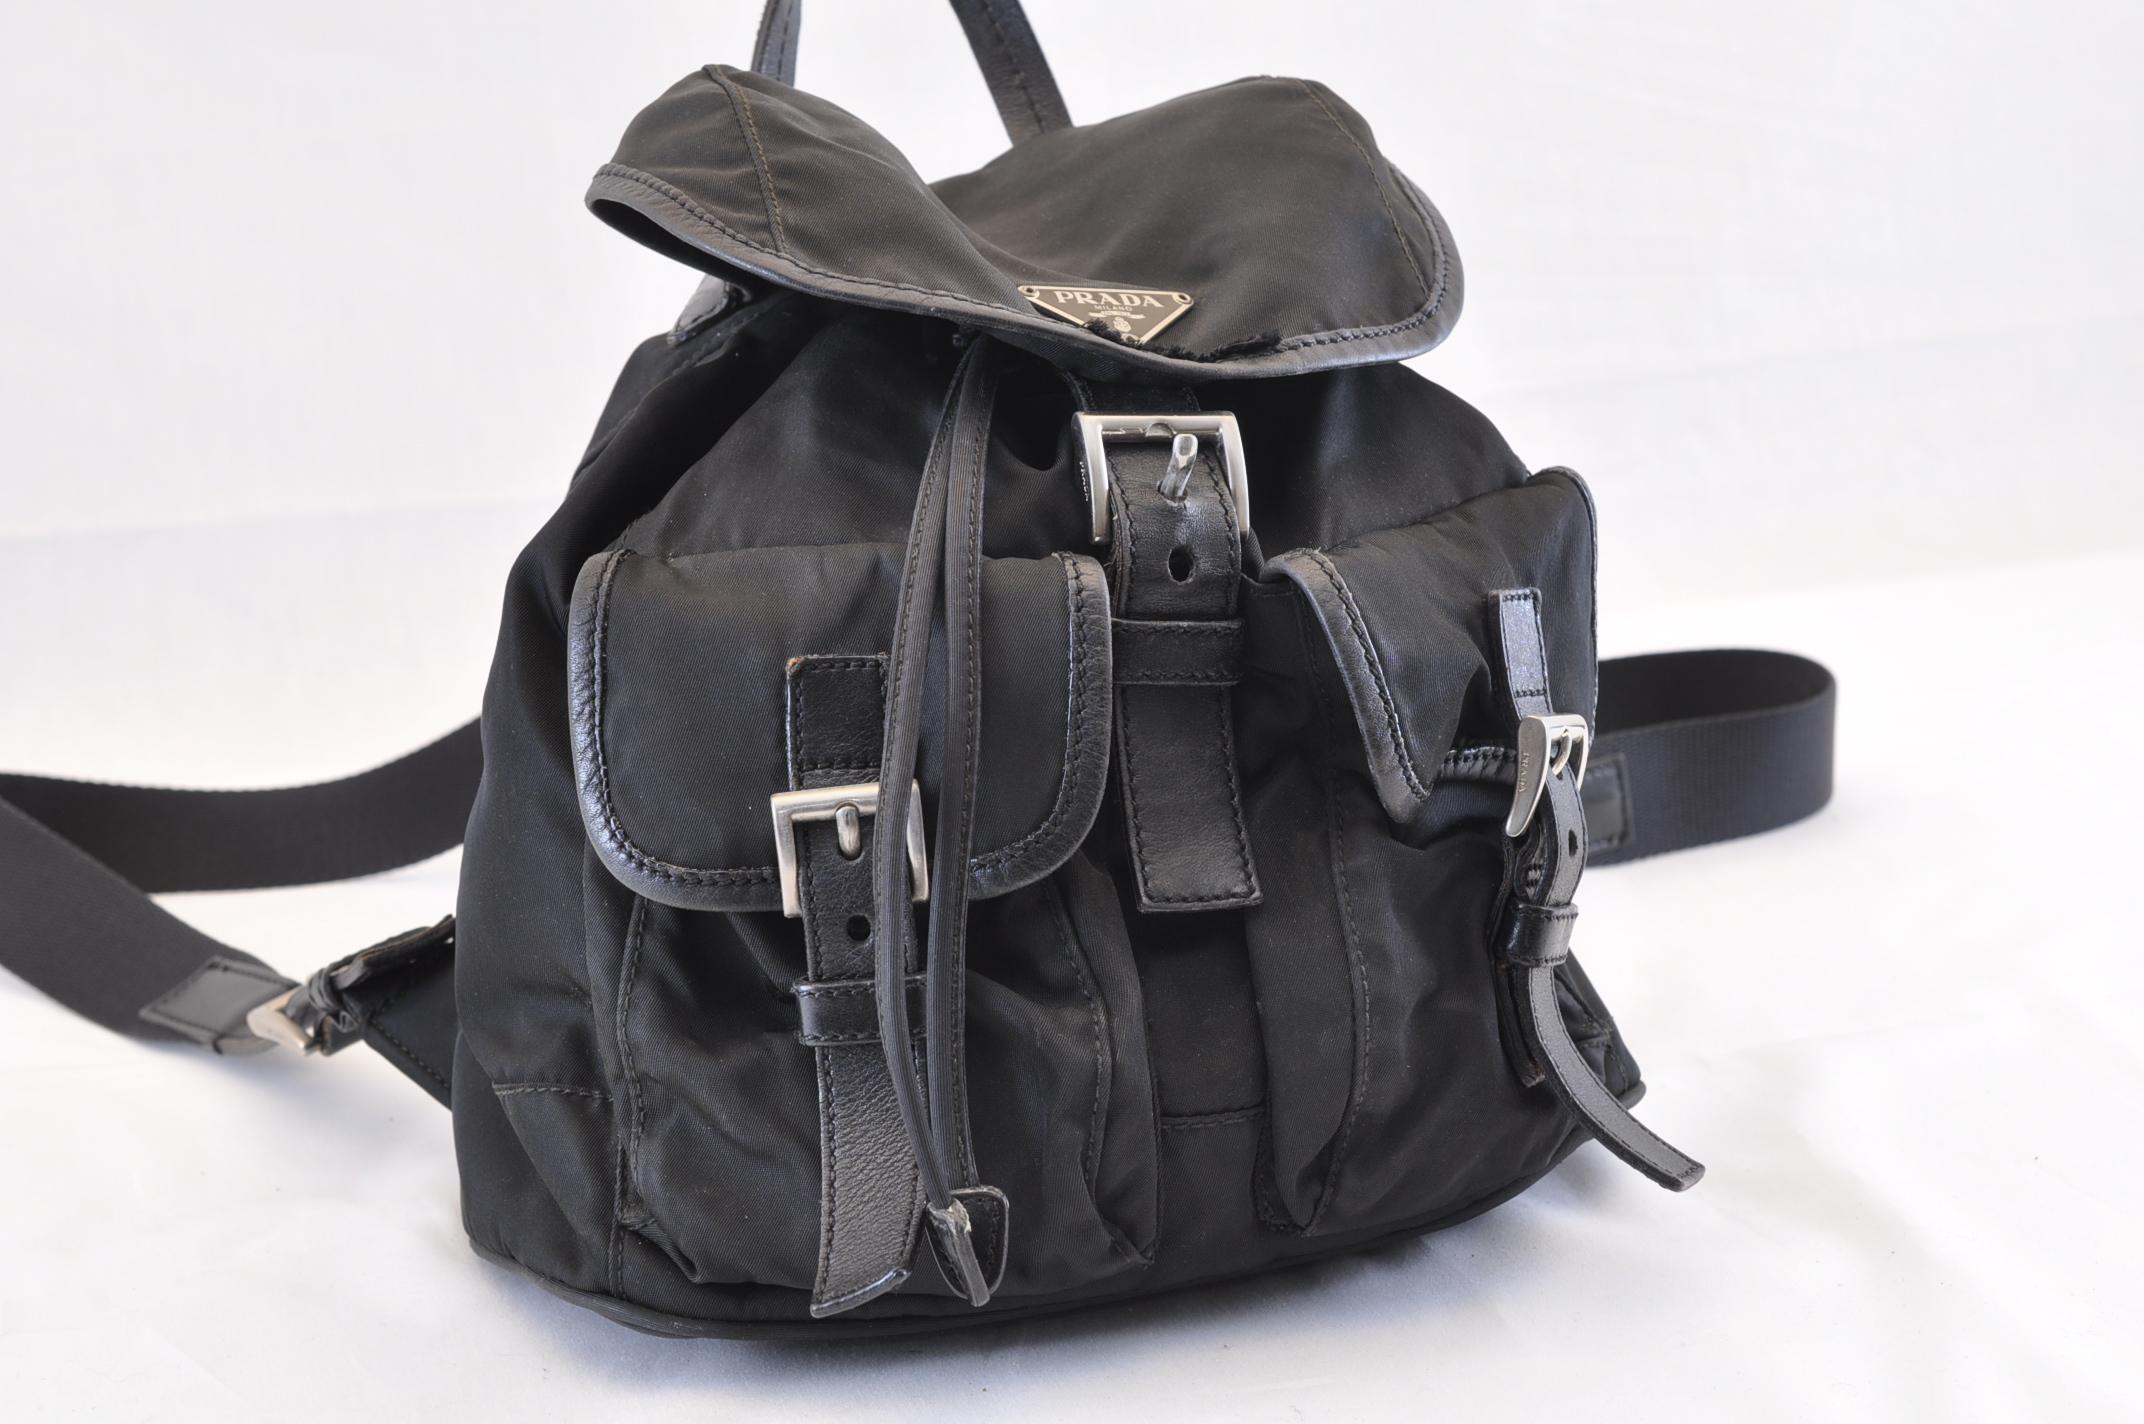 7932f46872e64 PRADA Nylon Backpack Knapsack Black Auth sa1633. DSC0271.jpg ...